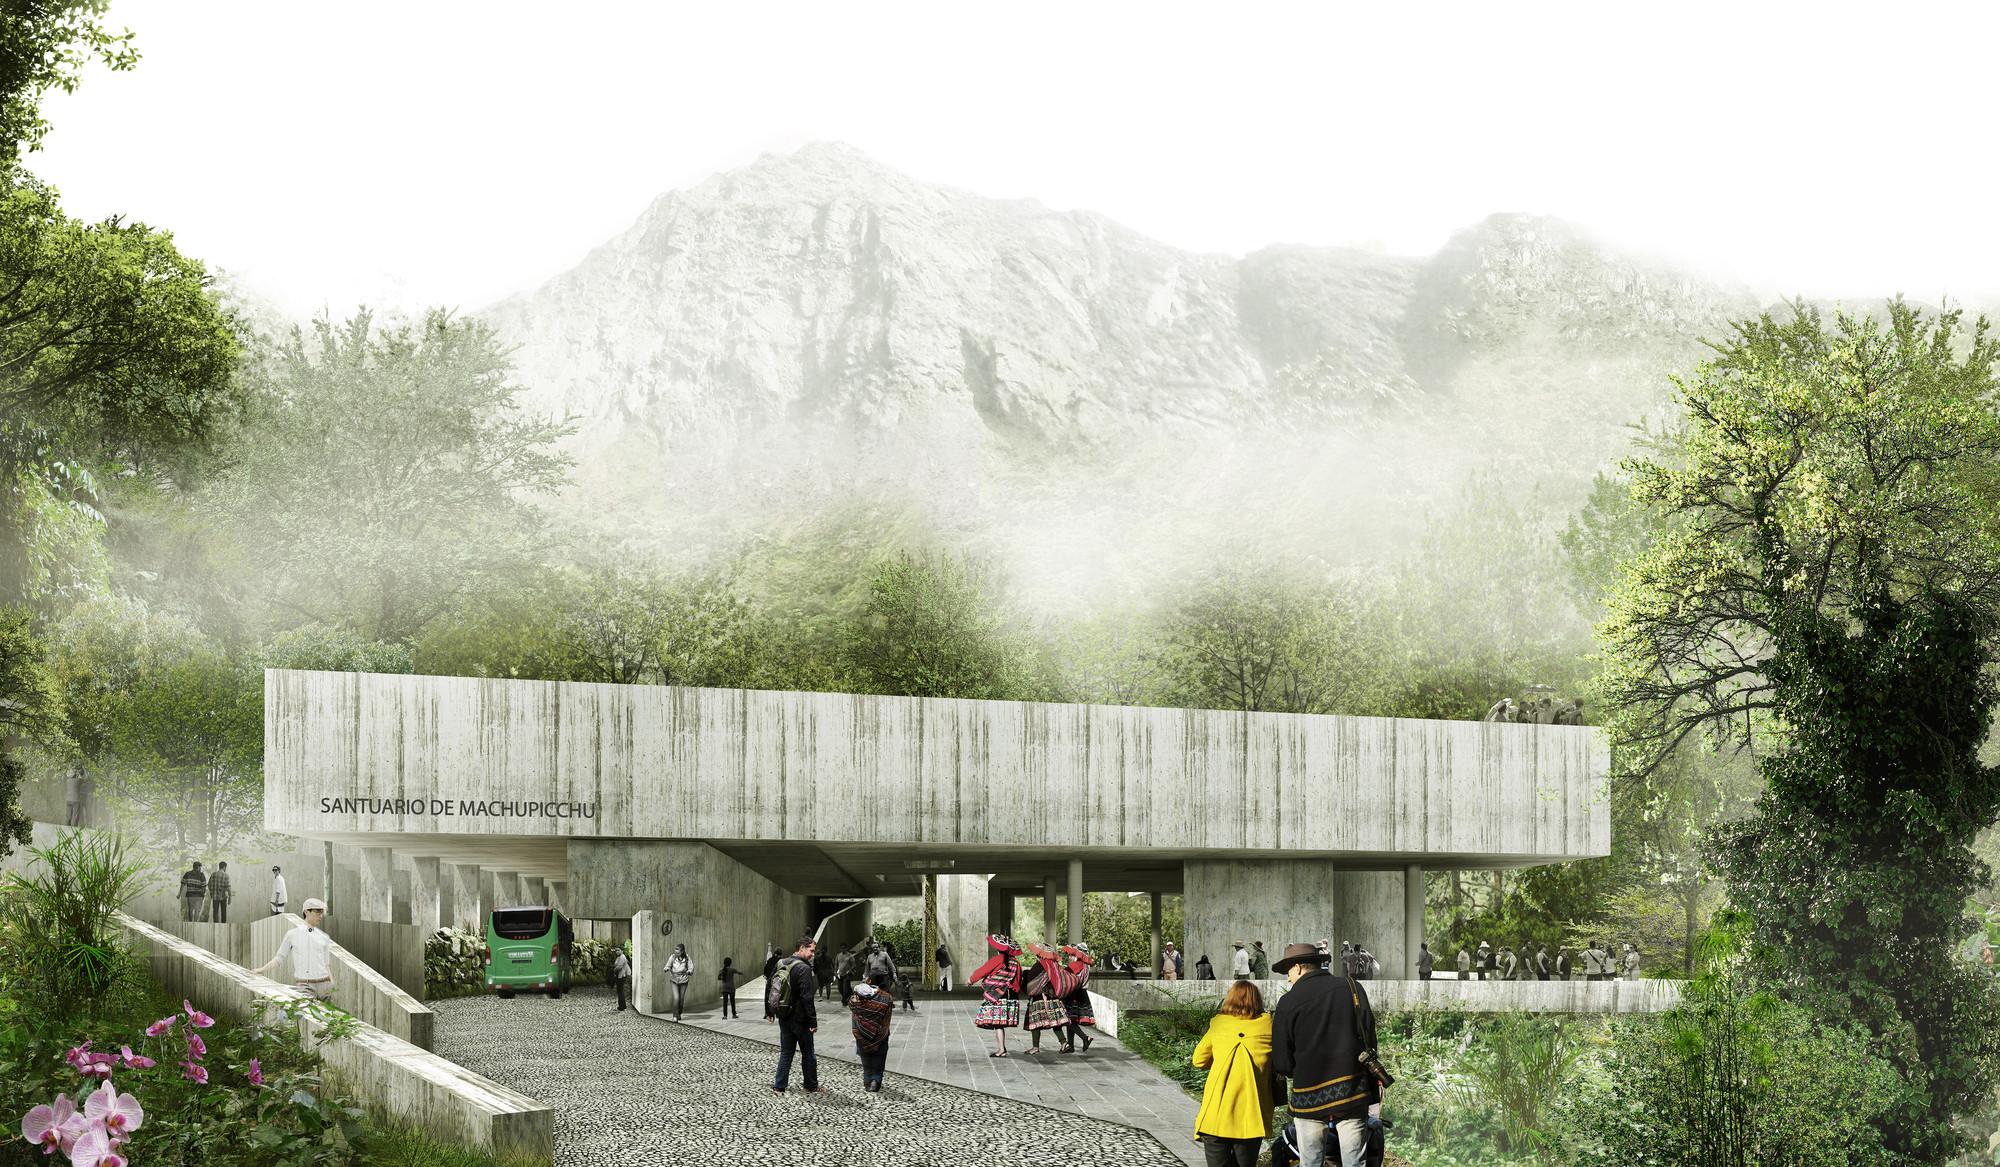 Tercer Lugar en concurso de ideas para futuras intervenciones en Machu Picchu / Perú, Vista principal. Image Courtesy of Llosa & Cortegana + TARATA + Cotidiano